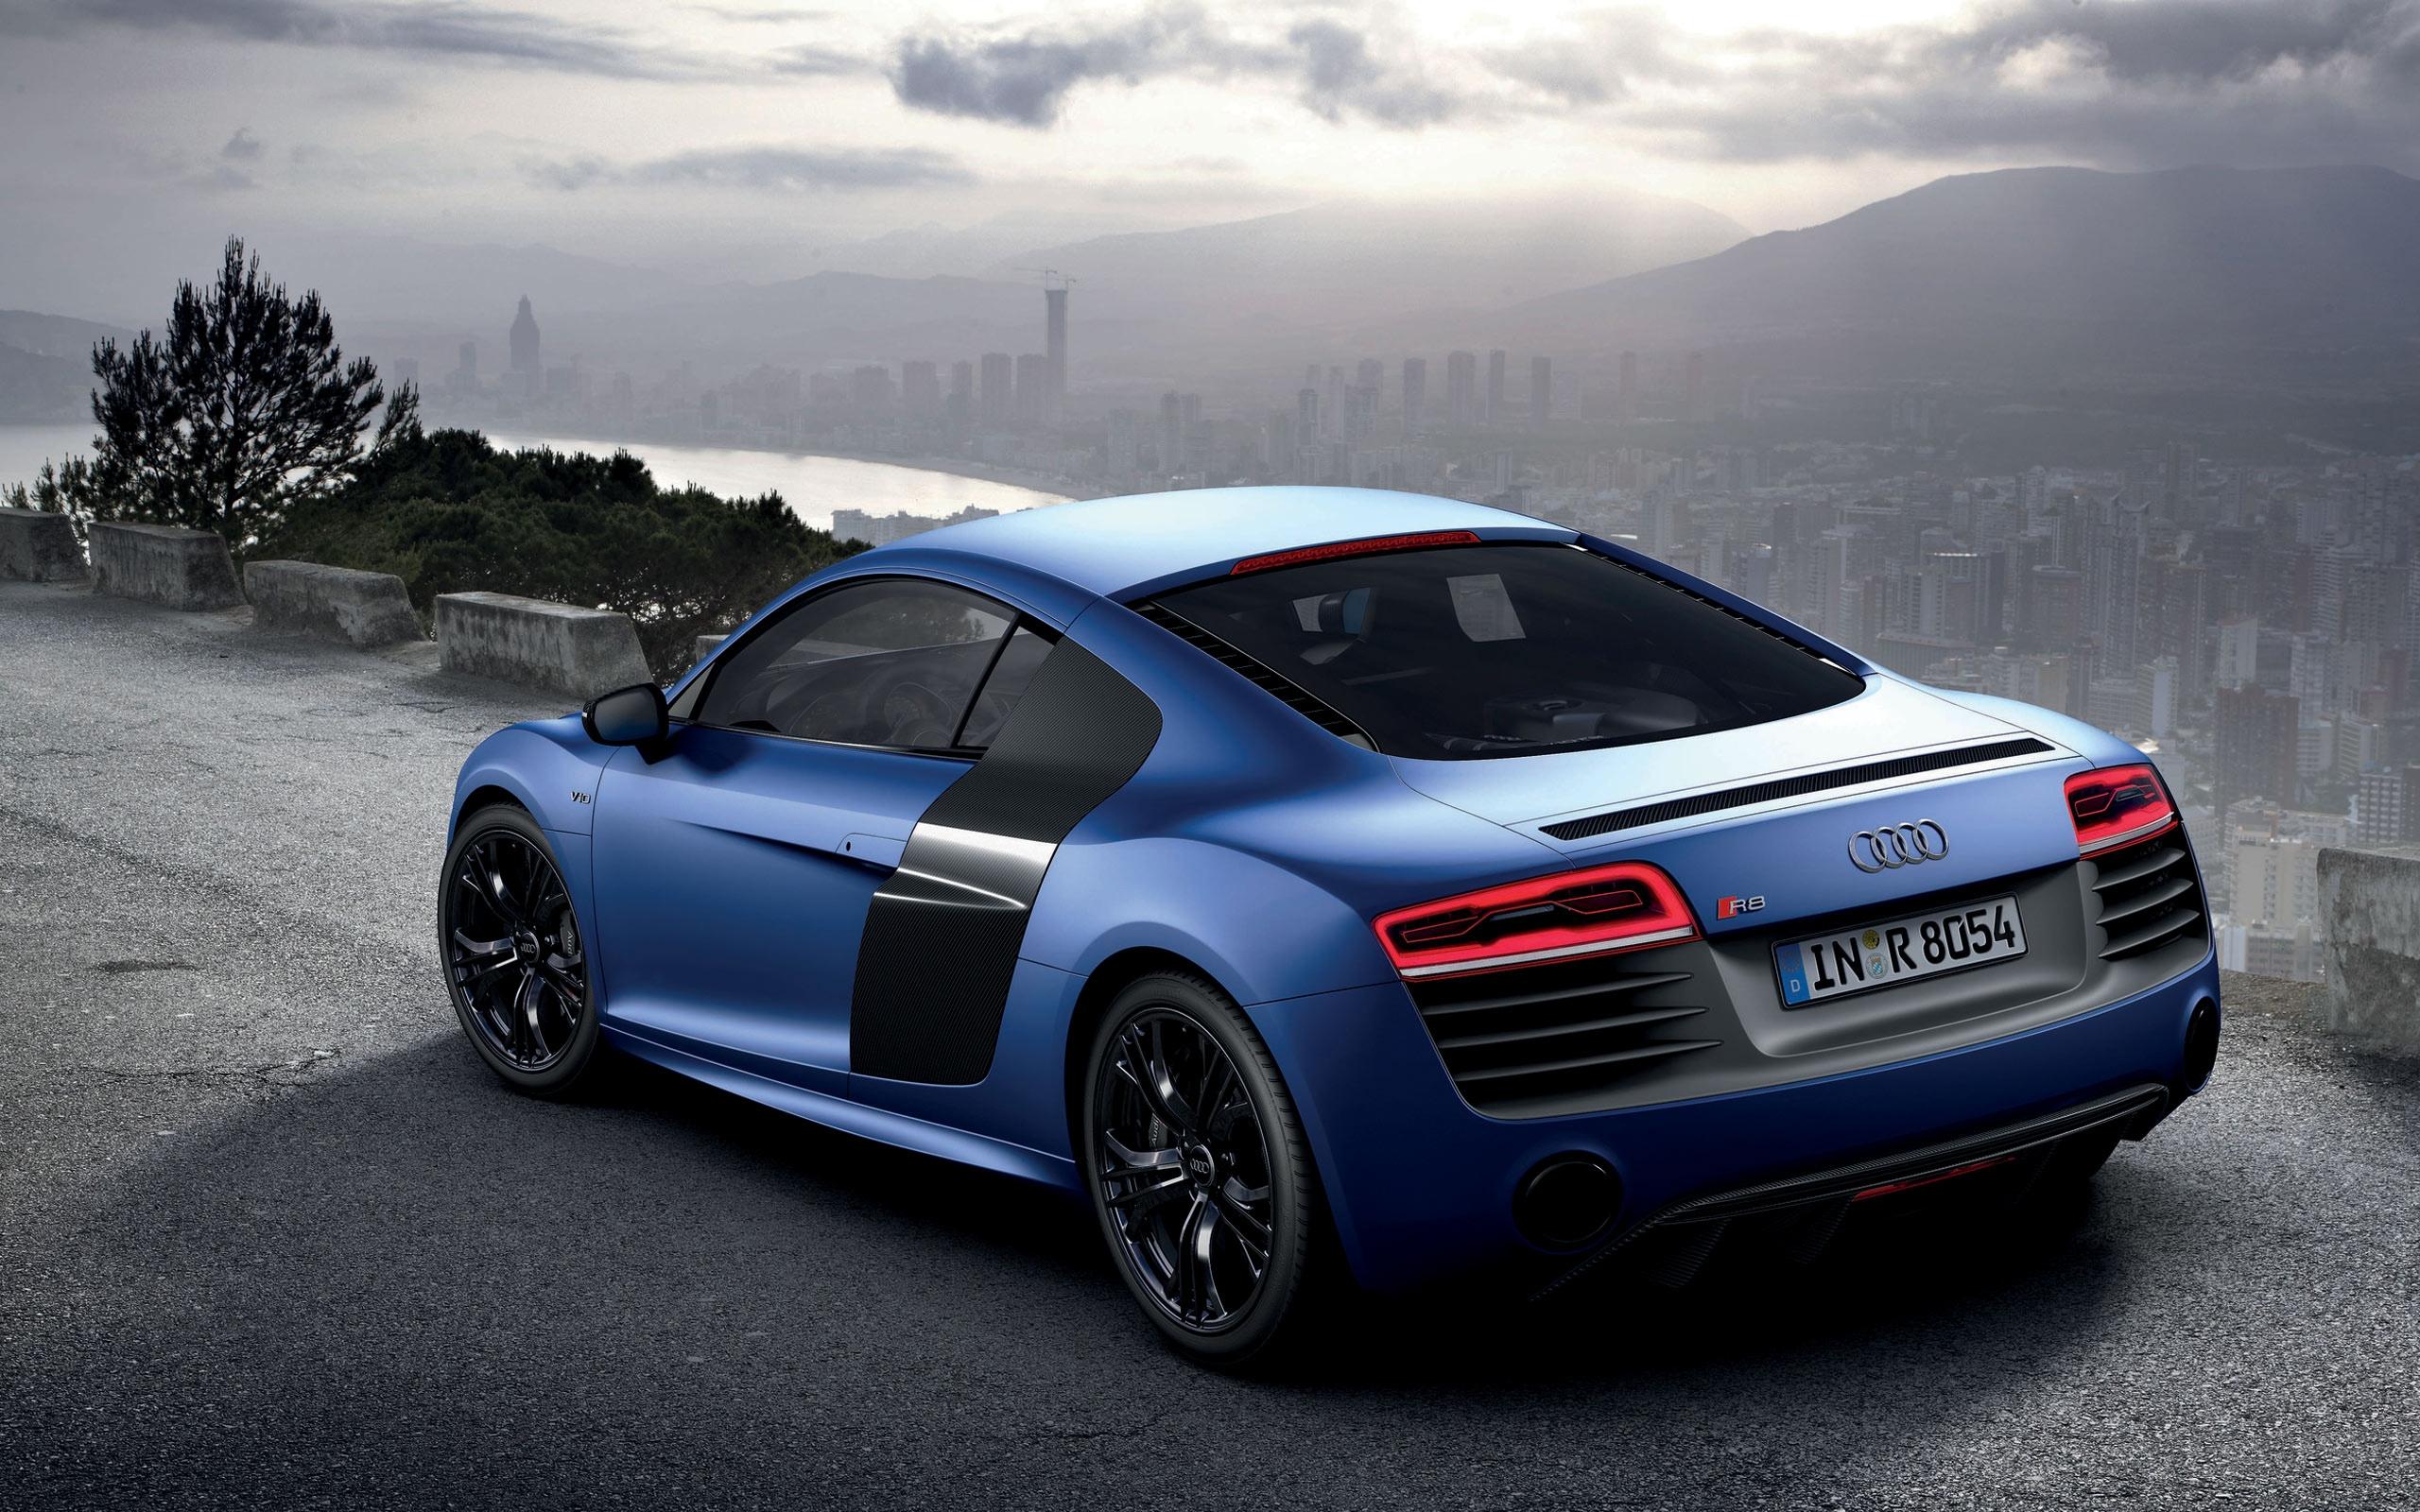 Fondos De Vehiculos: Audi-r8 Fondos De Pantalla, Fondos De Escritorio